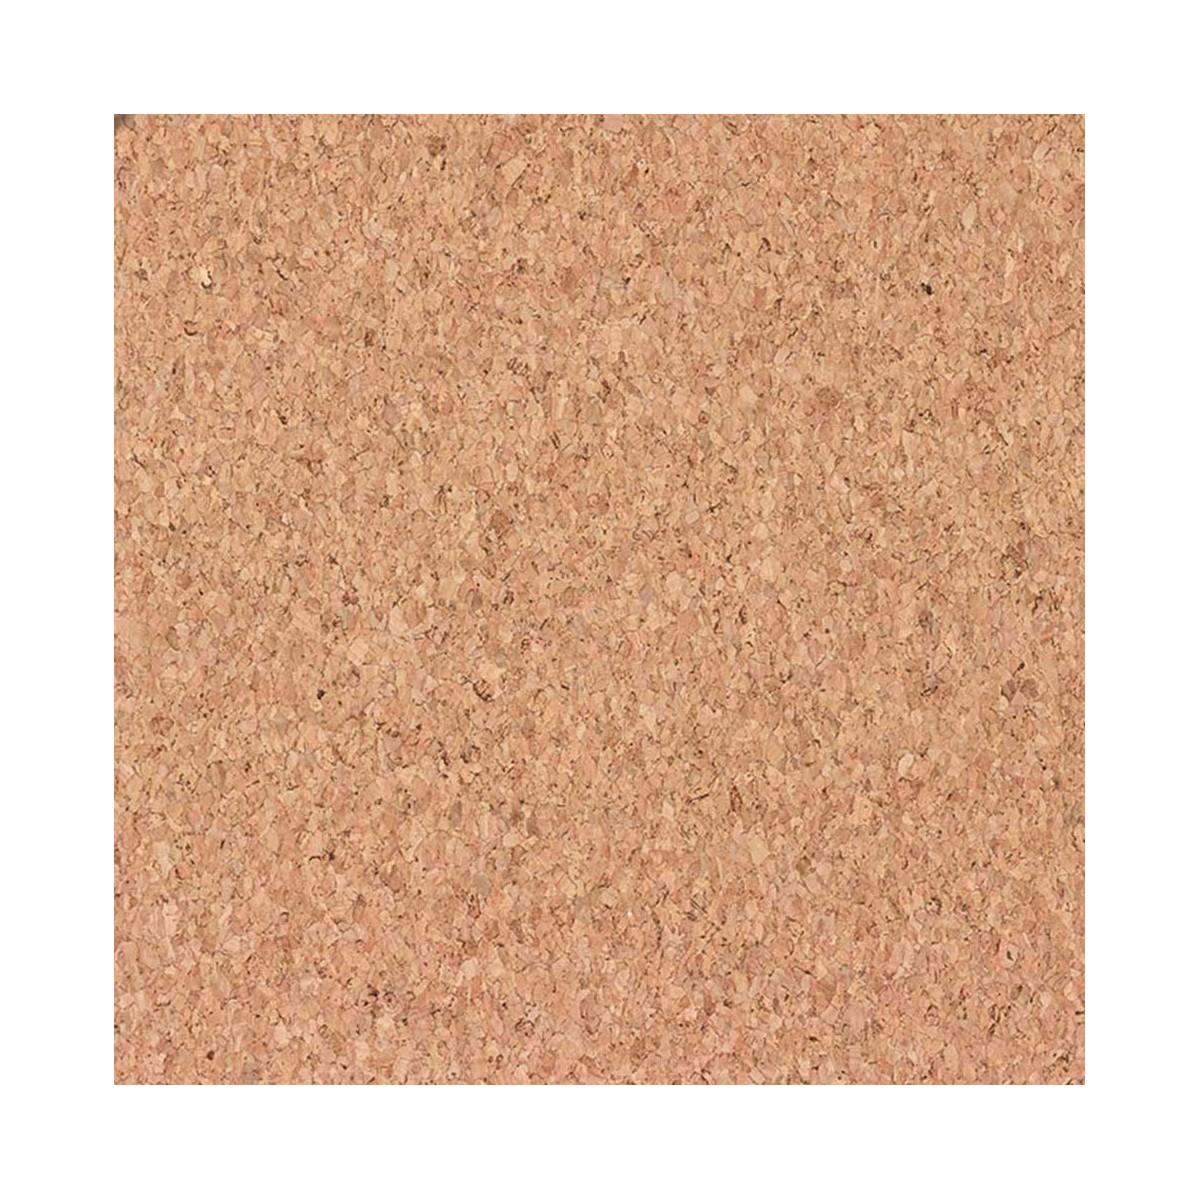 Carta da Parati in Sughero 0,5 mm - Grit